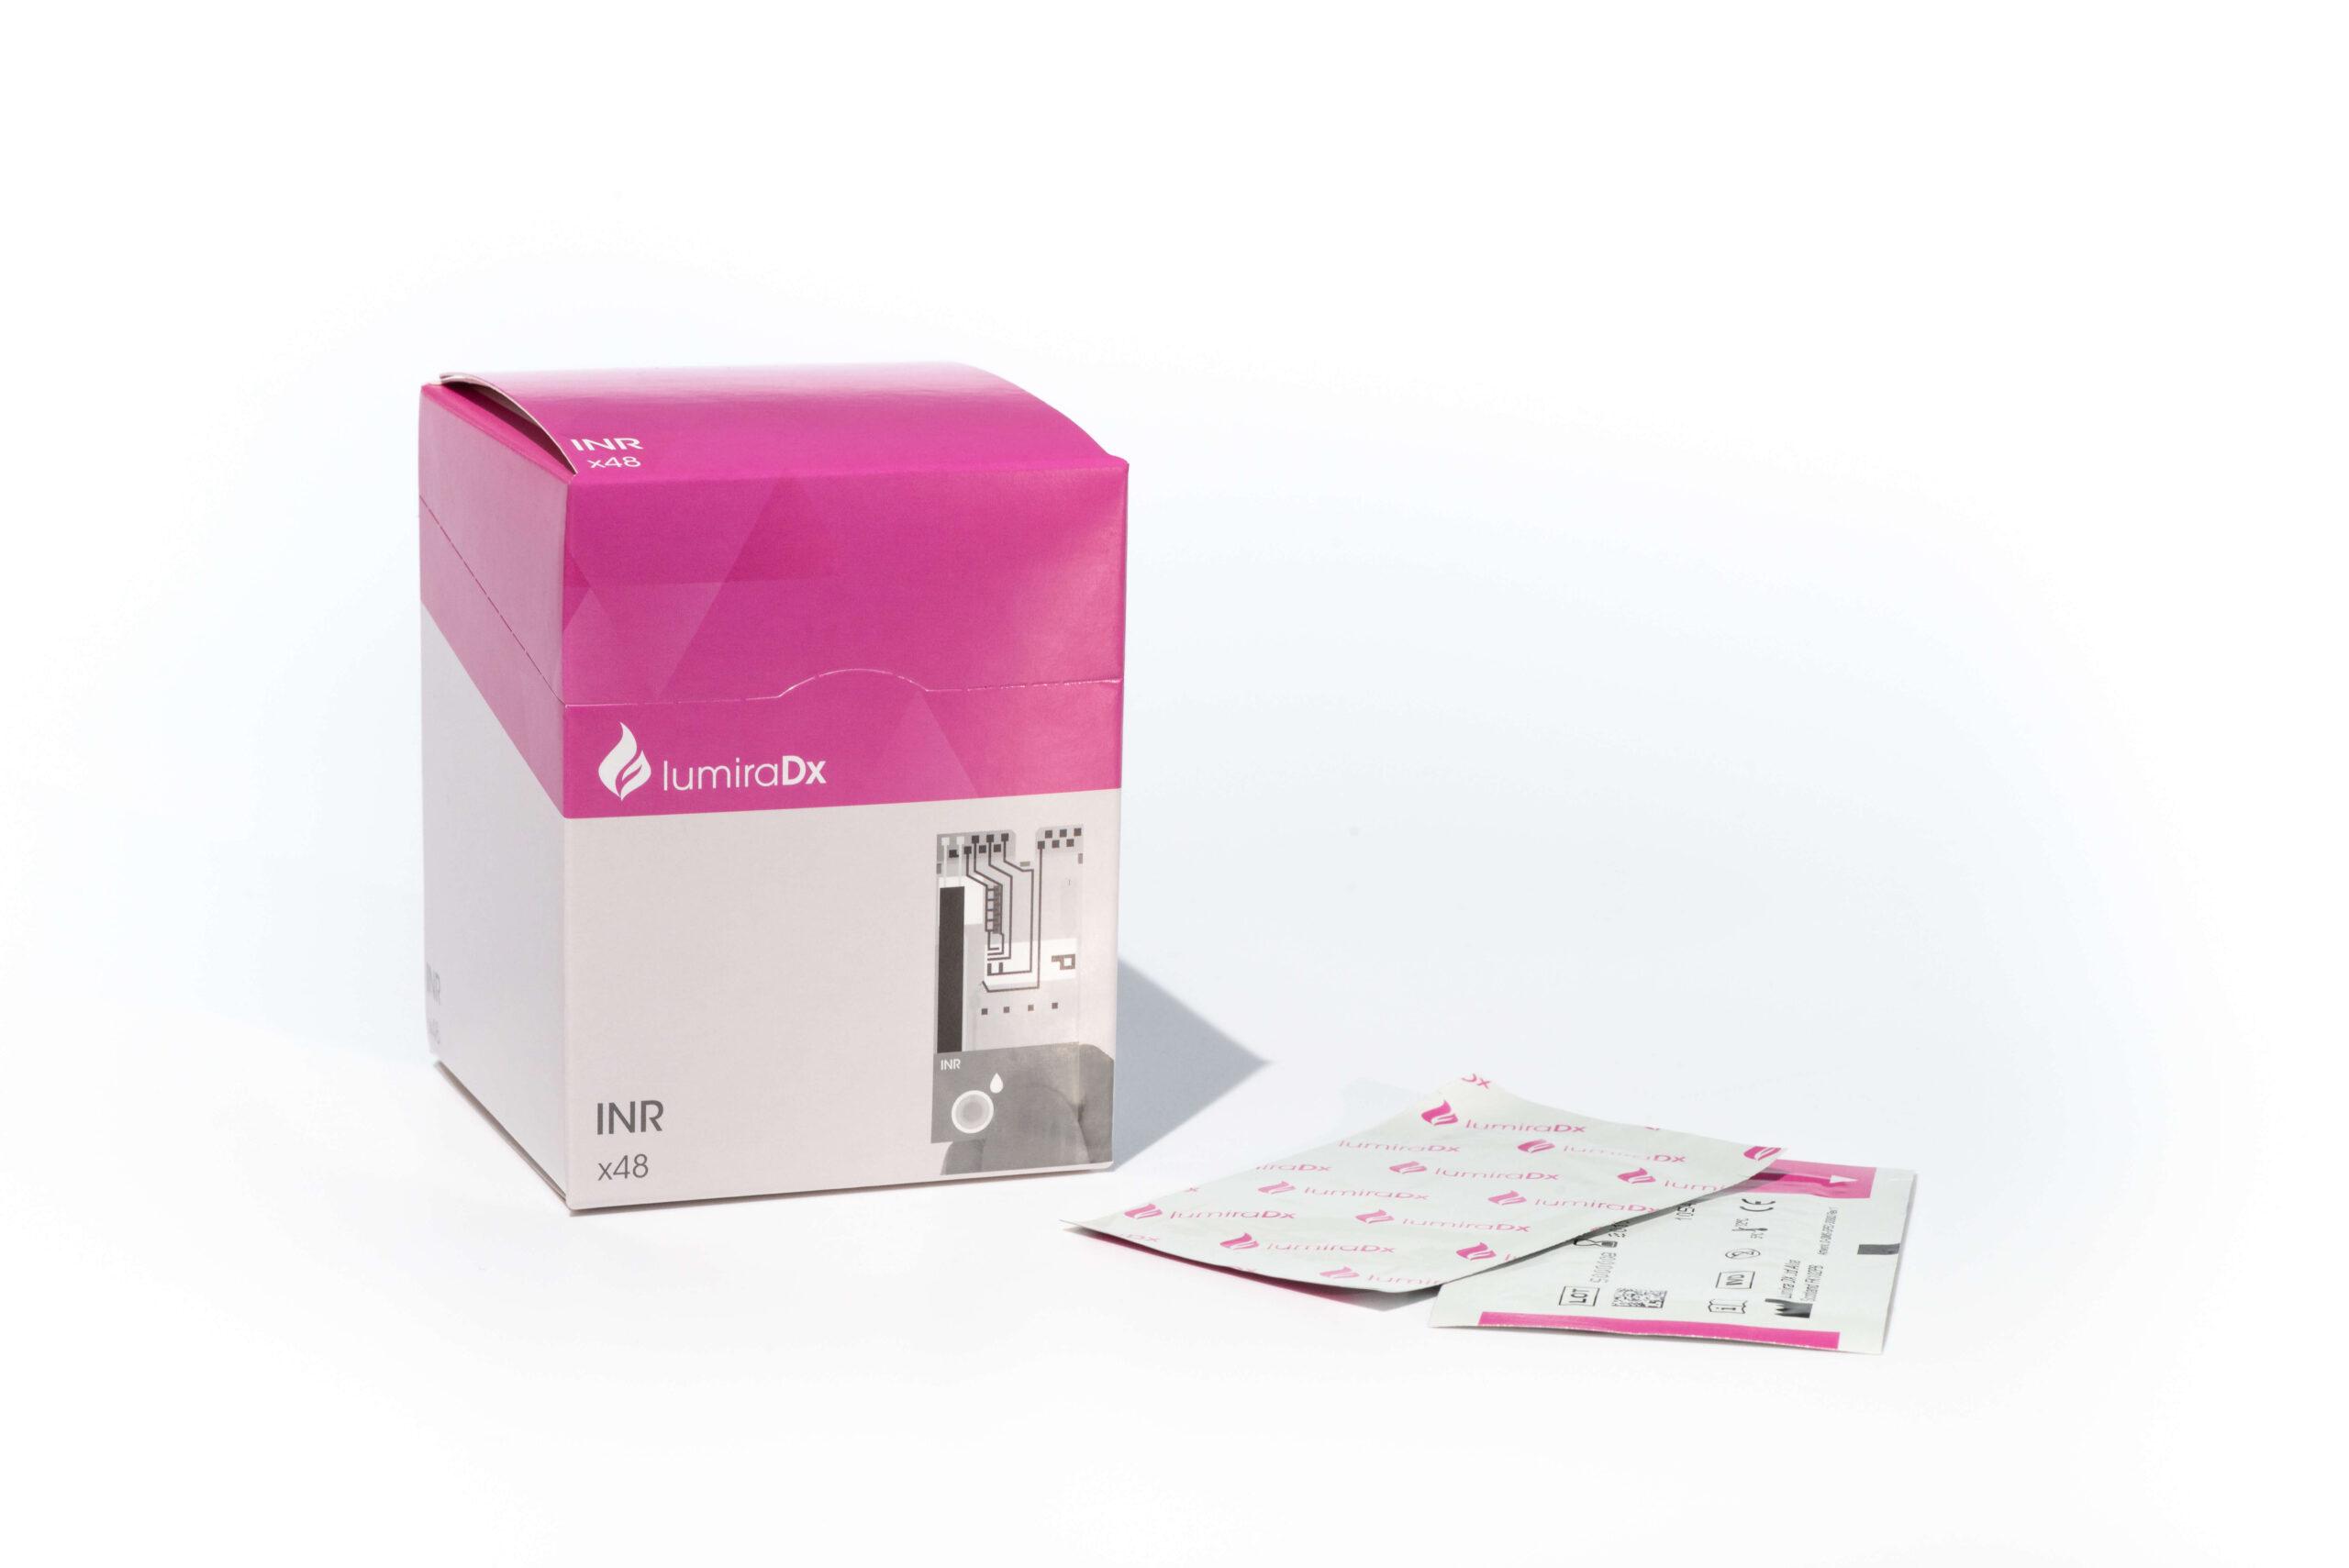 LumiraDx INR test pack